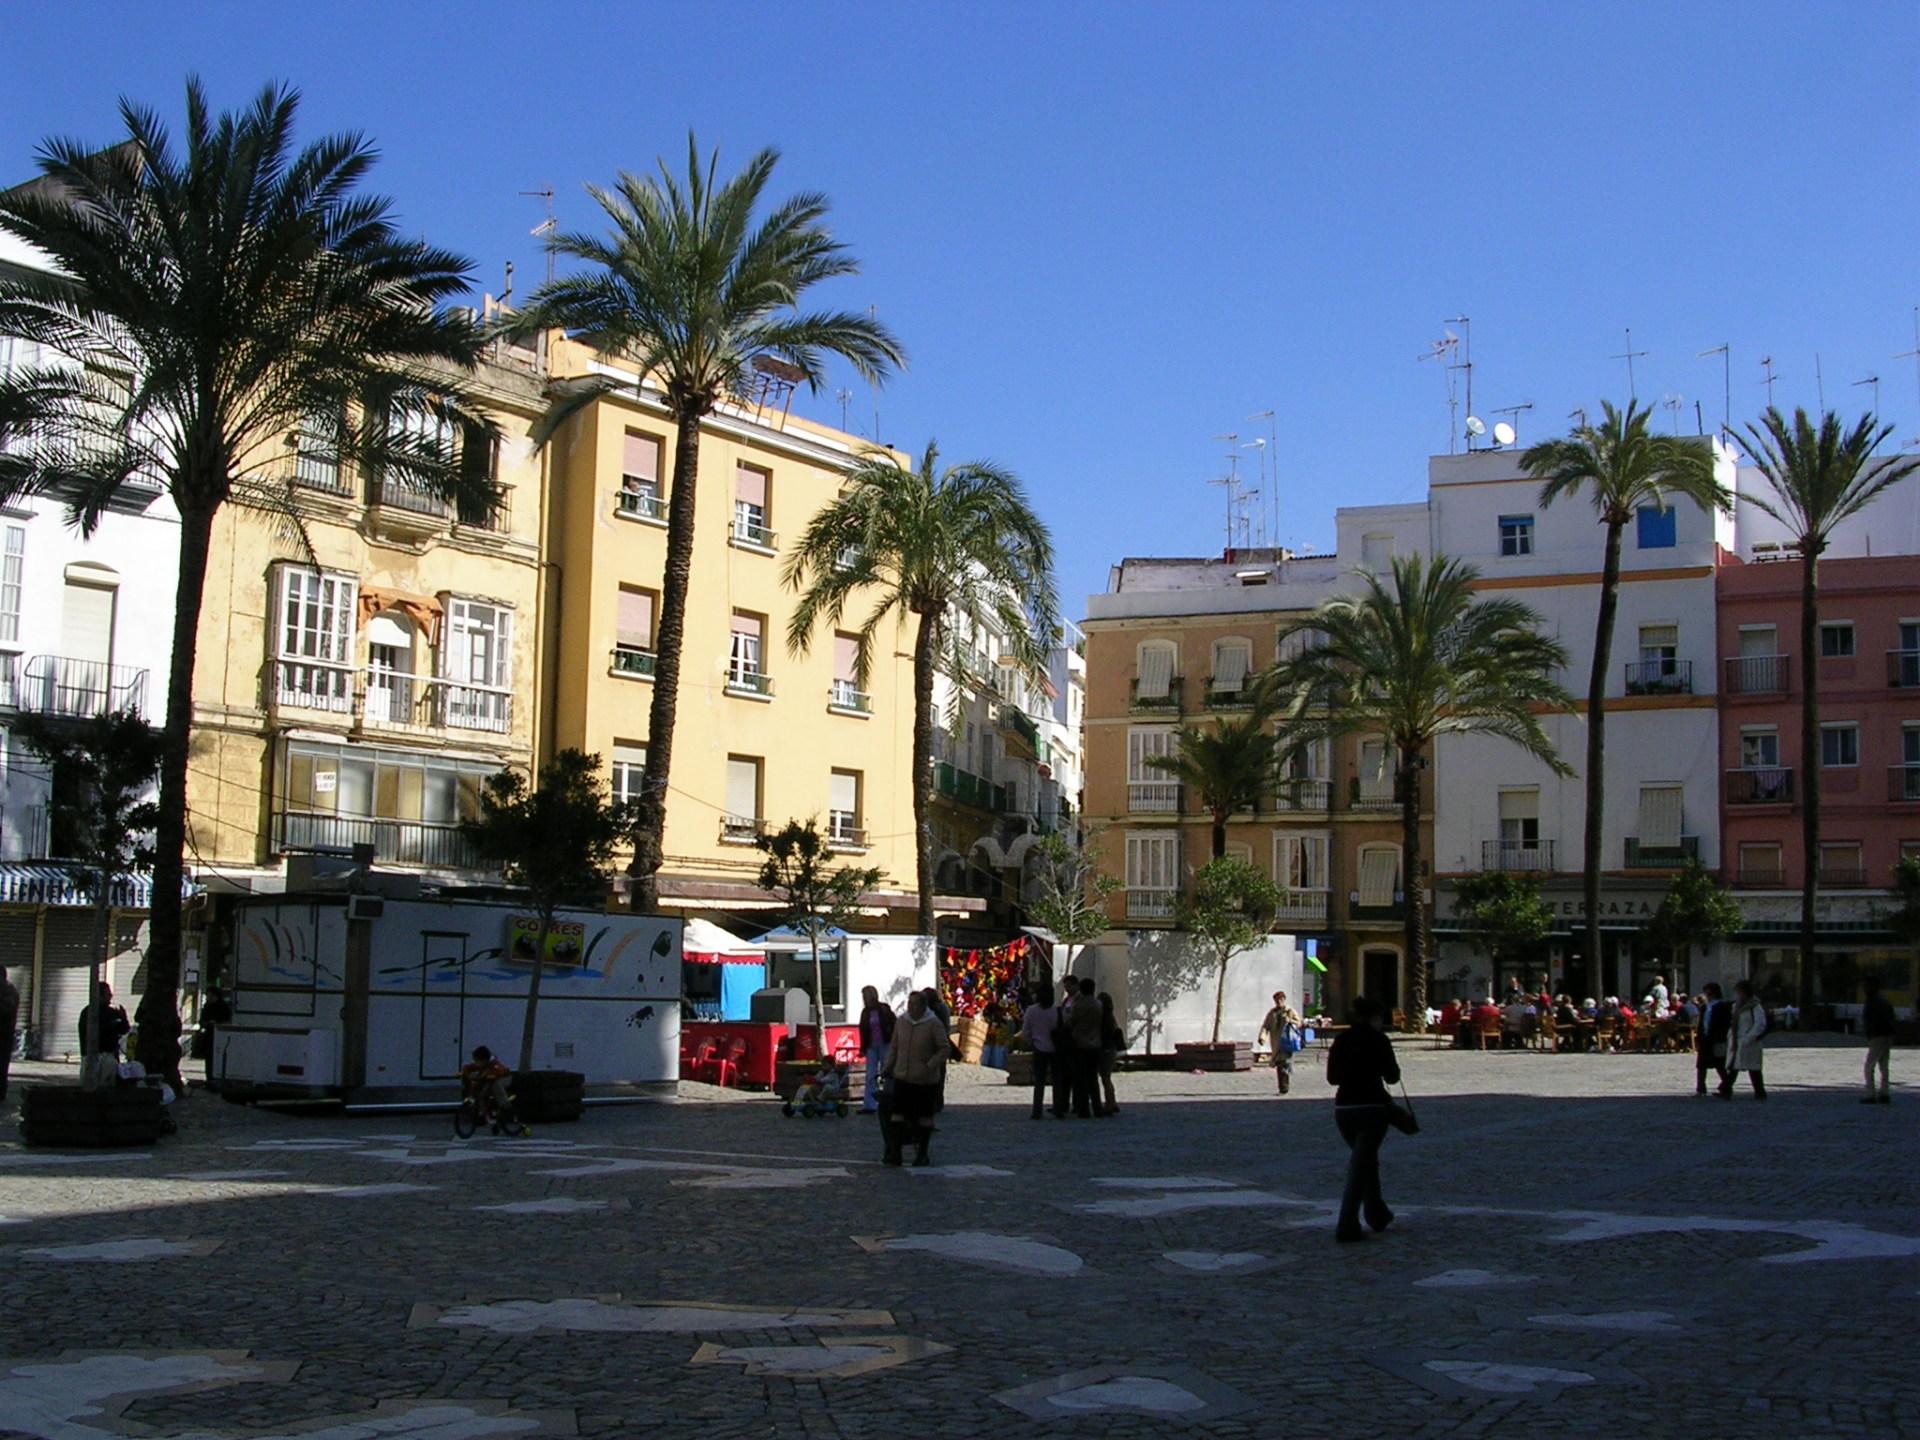 Plaza de Juan de Dios, Cadiz